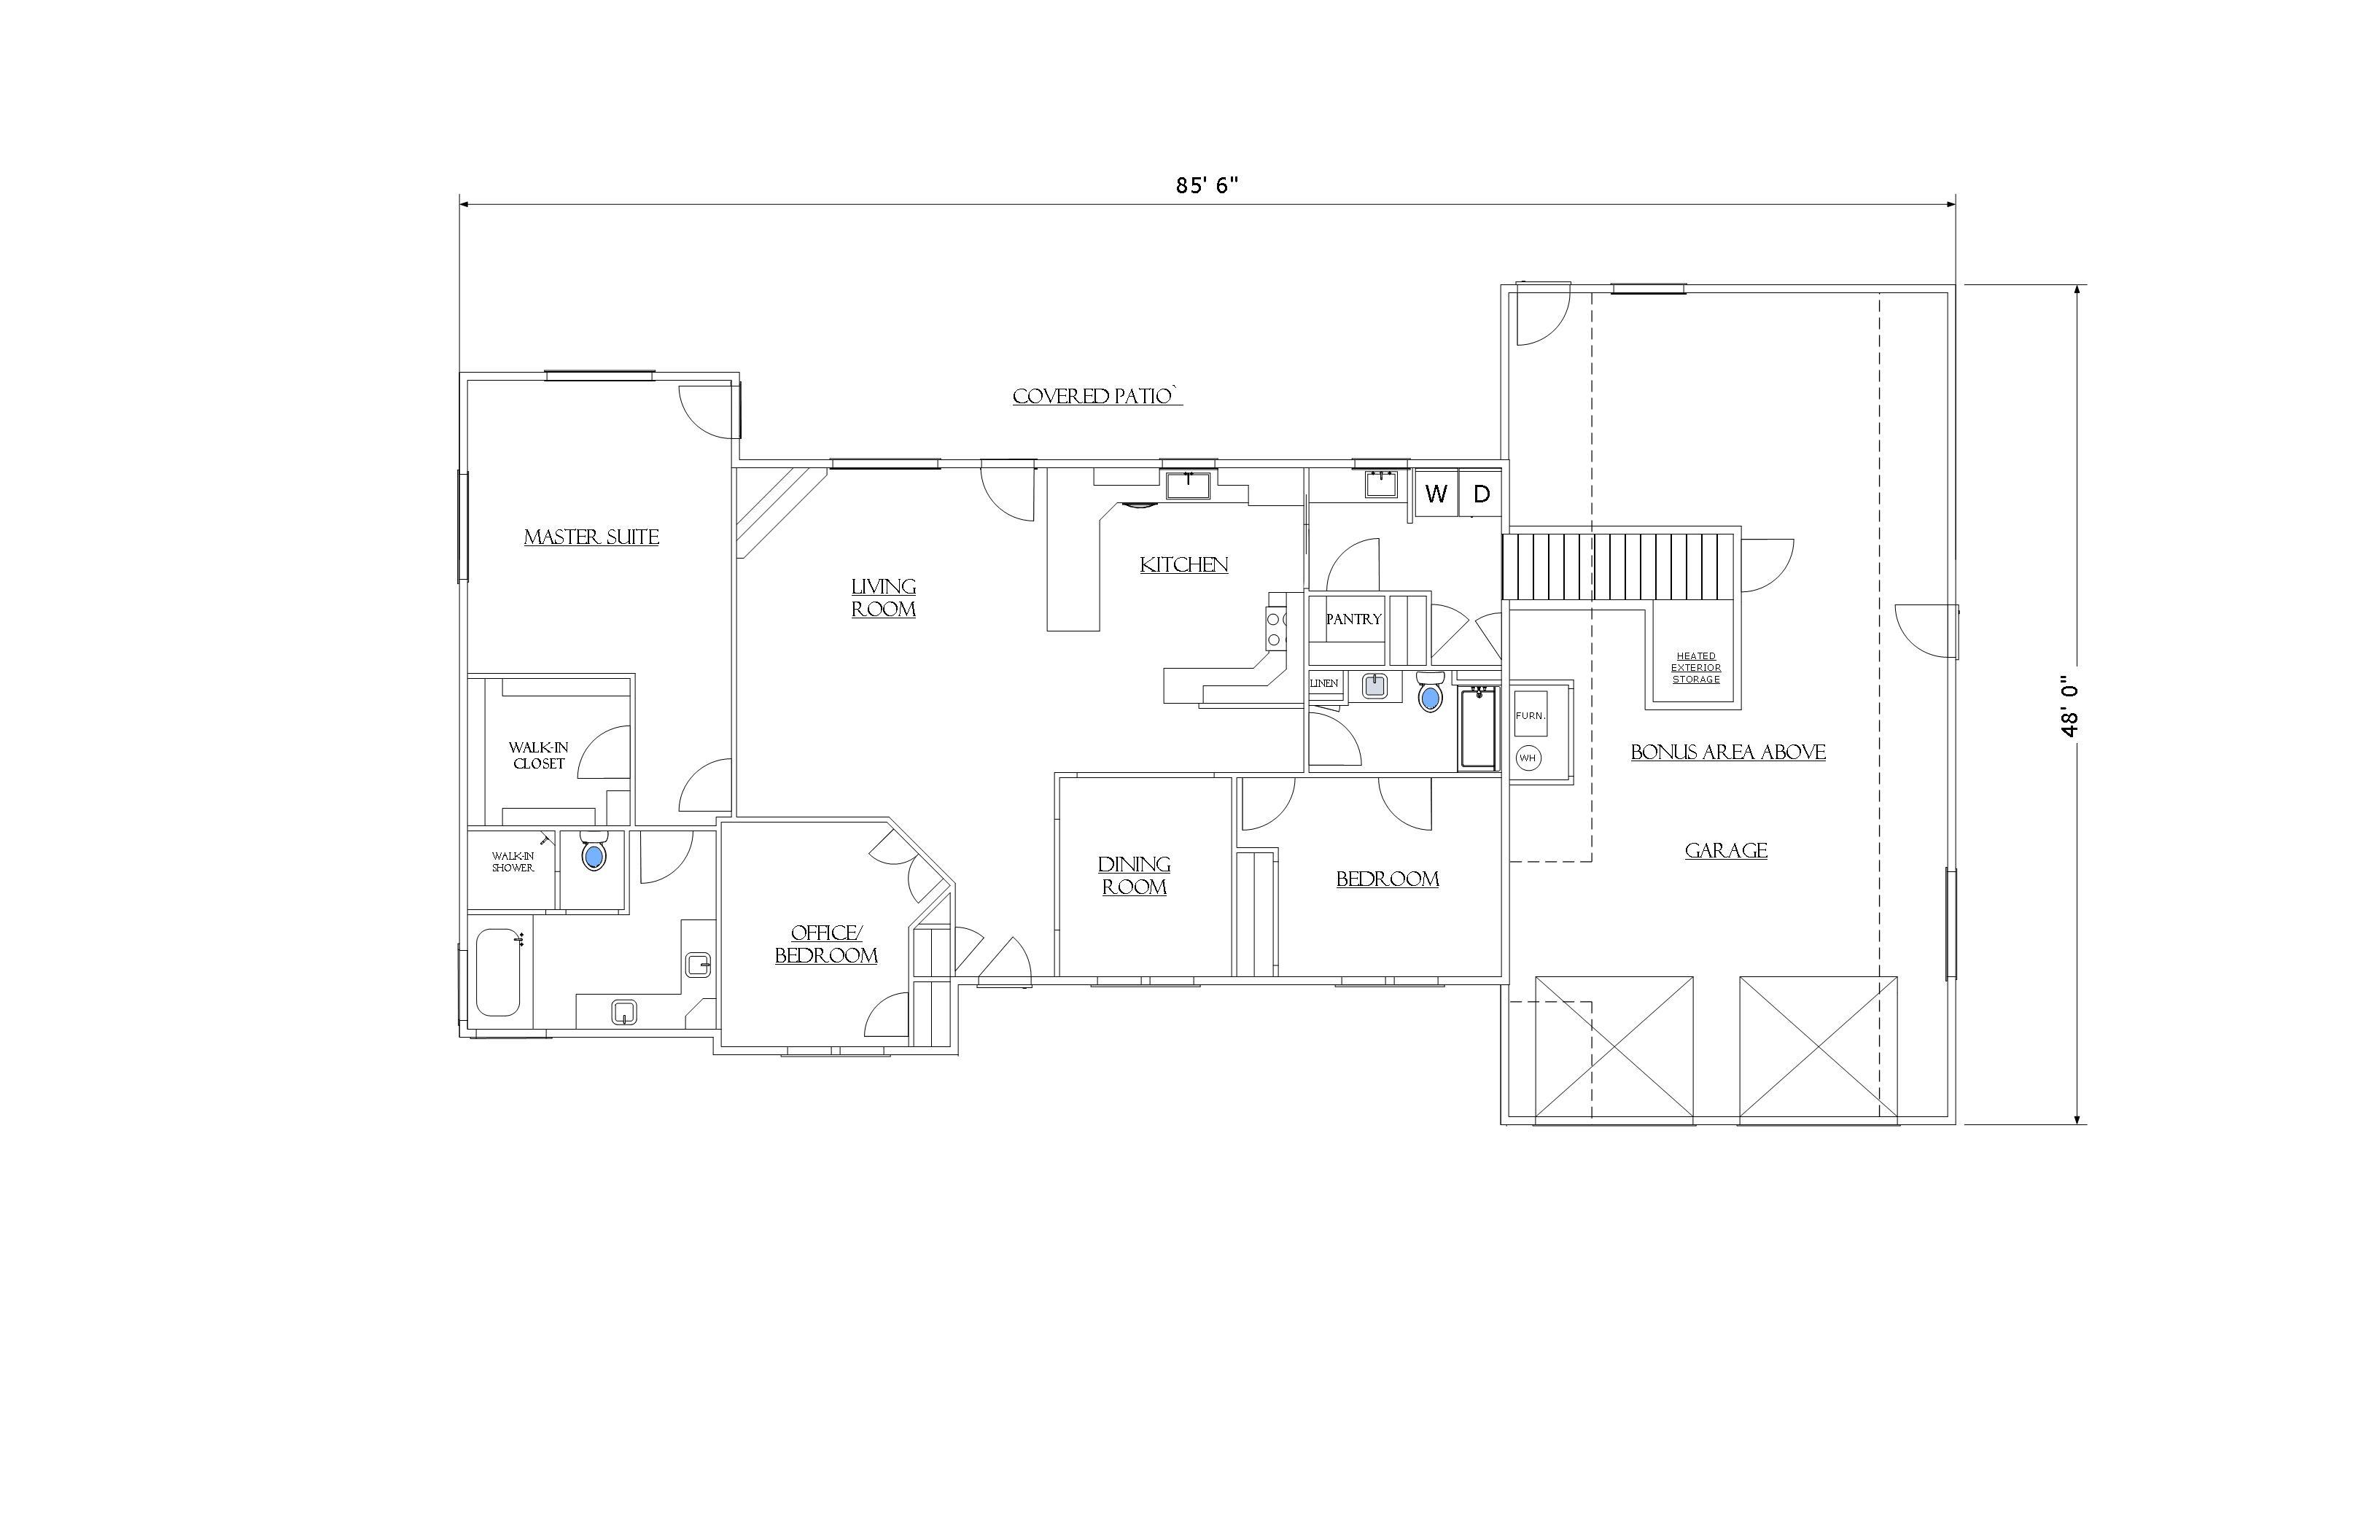 The Della Dean House Plan